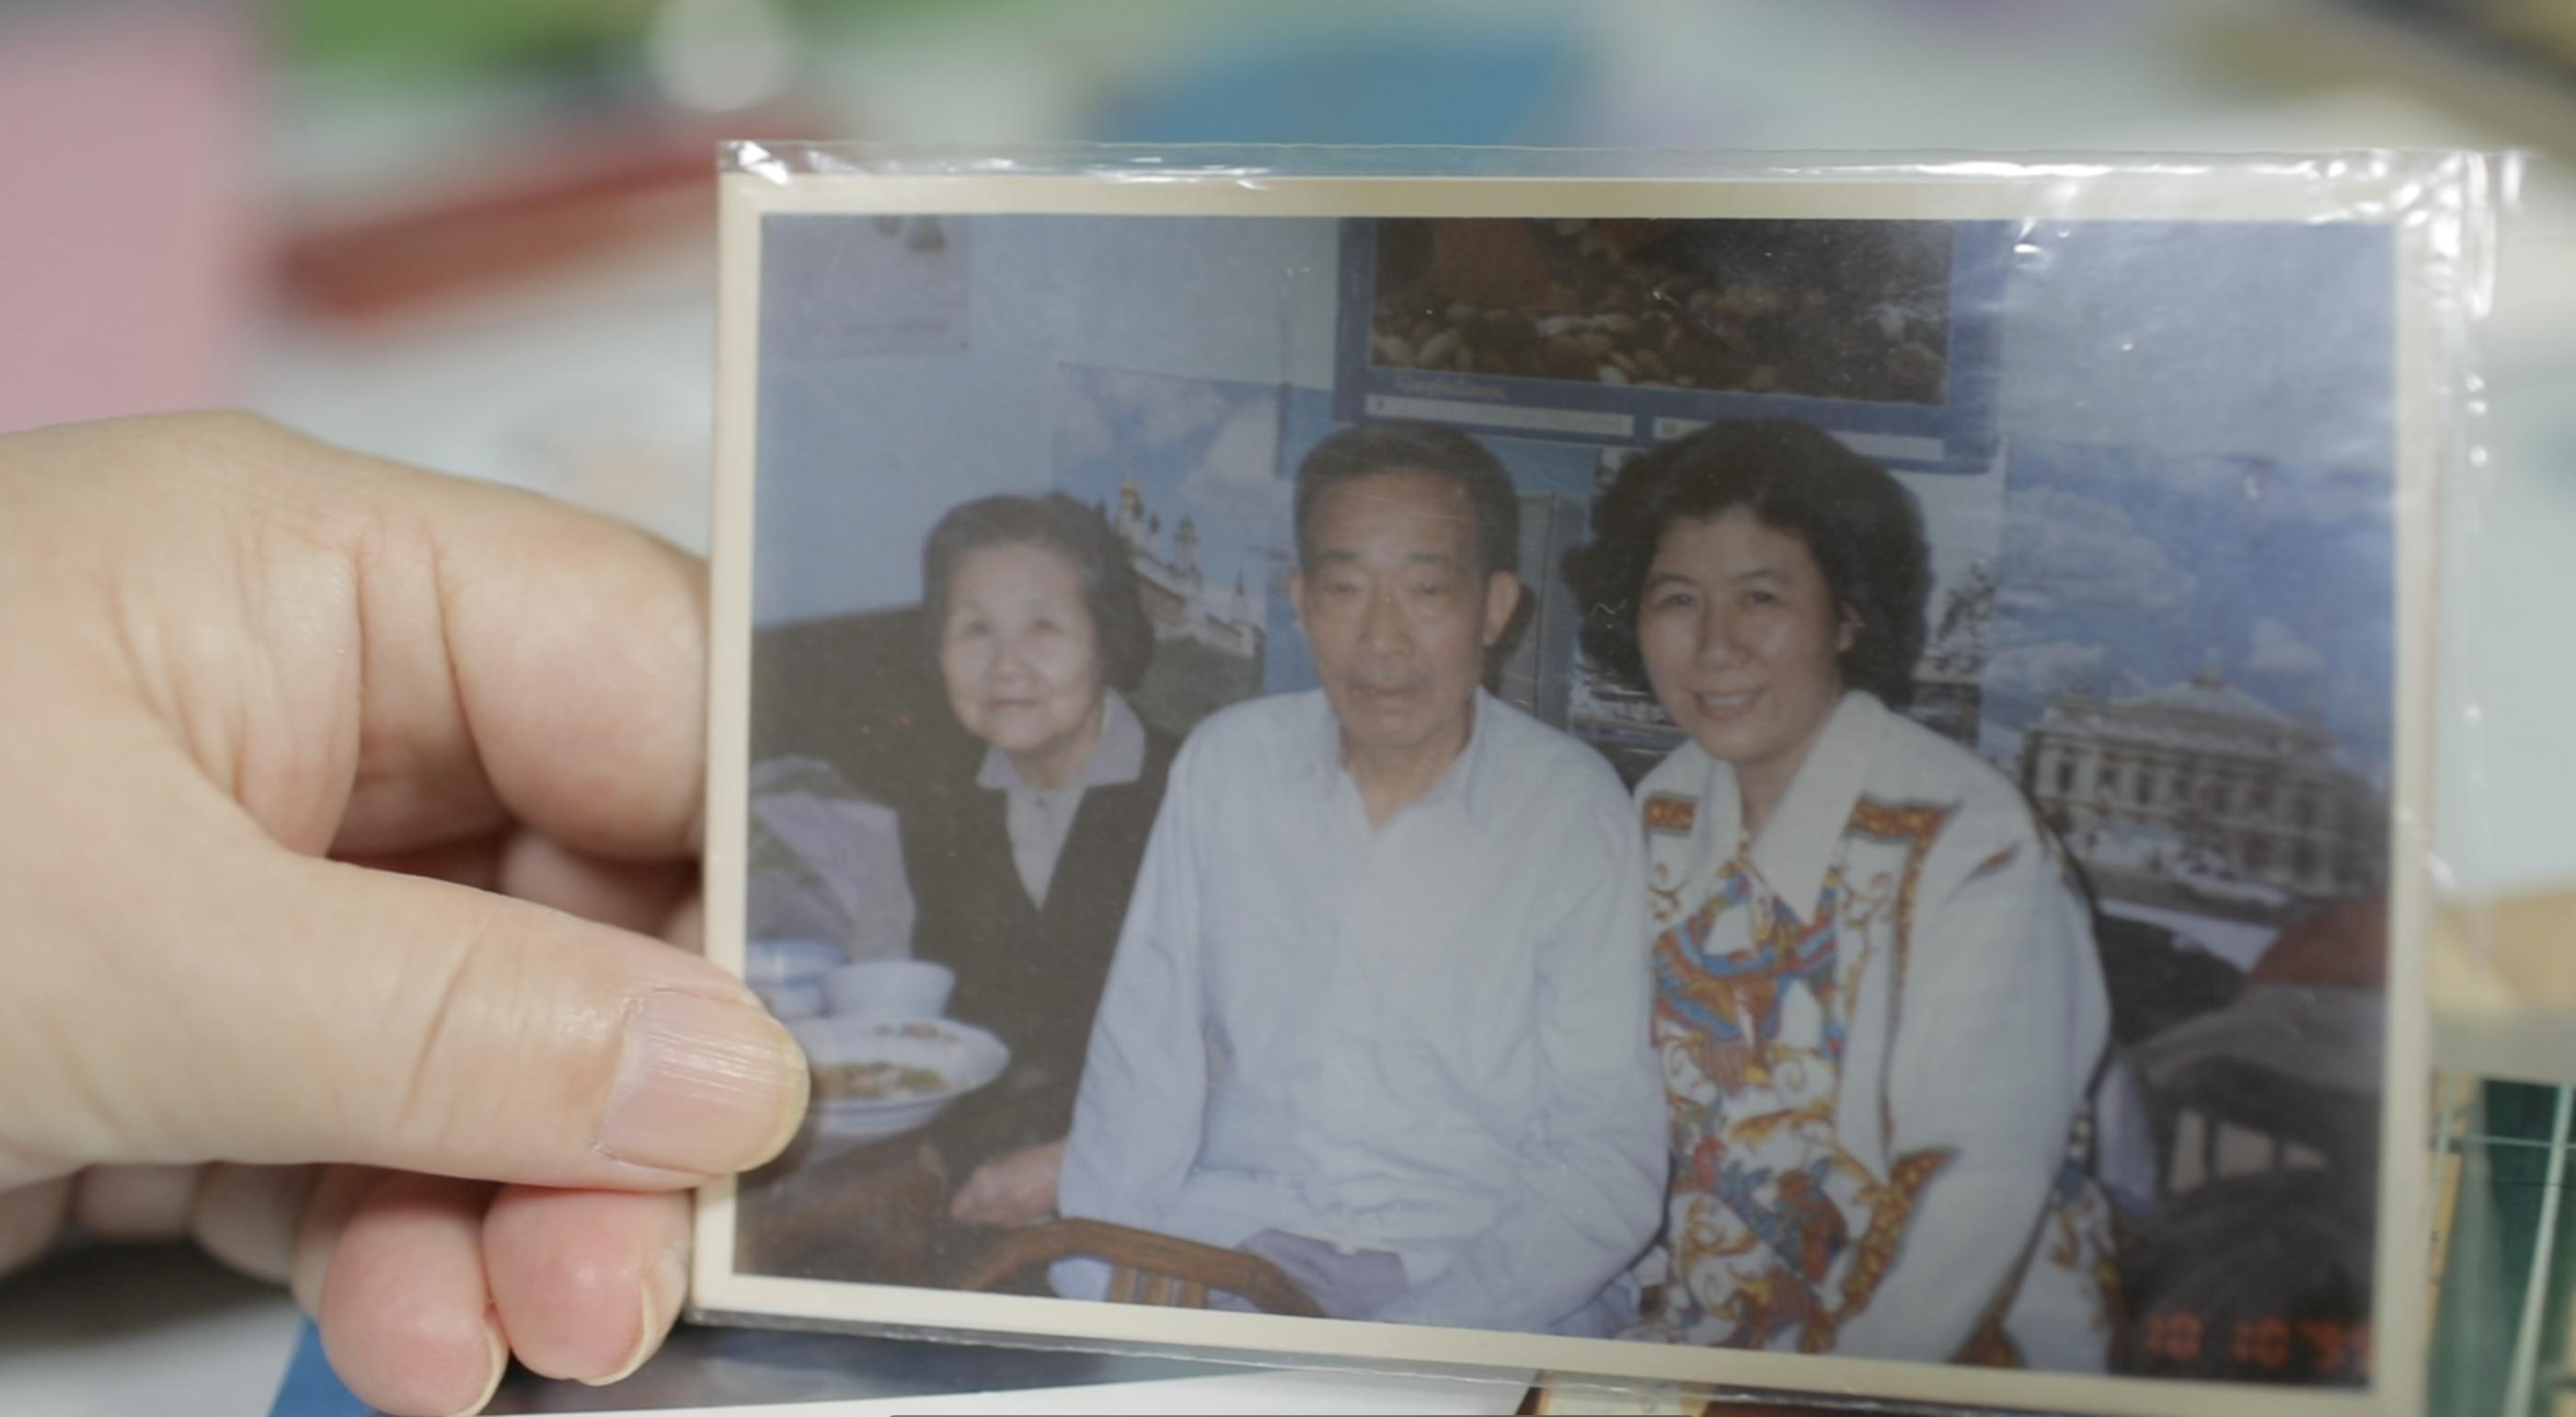 孙雅芬与父母在曹杨一村家中合影。